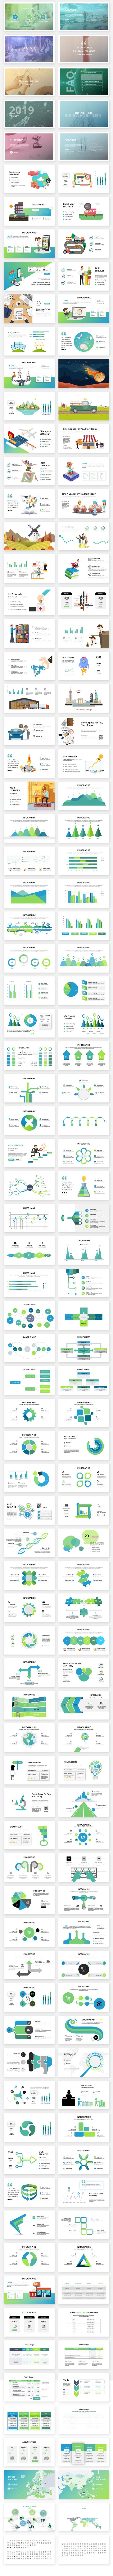 Work Development Business Powerpoint Template - 1